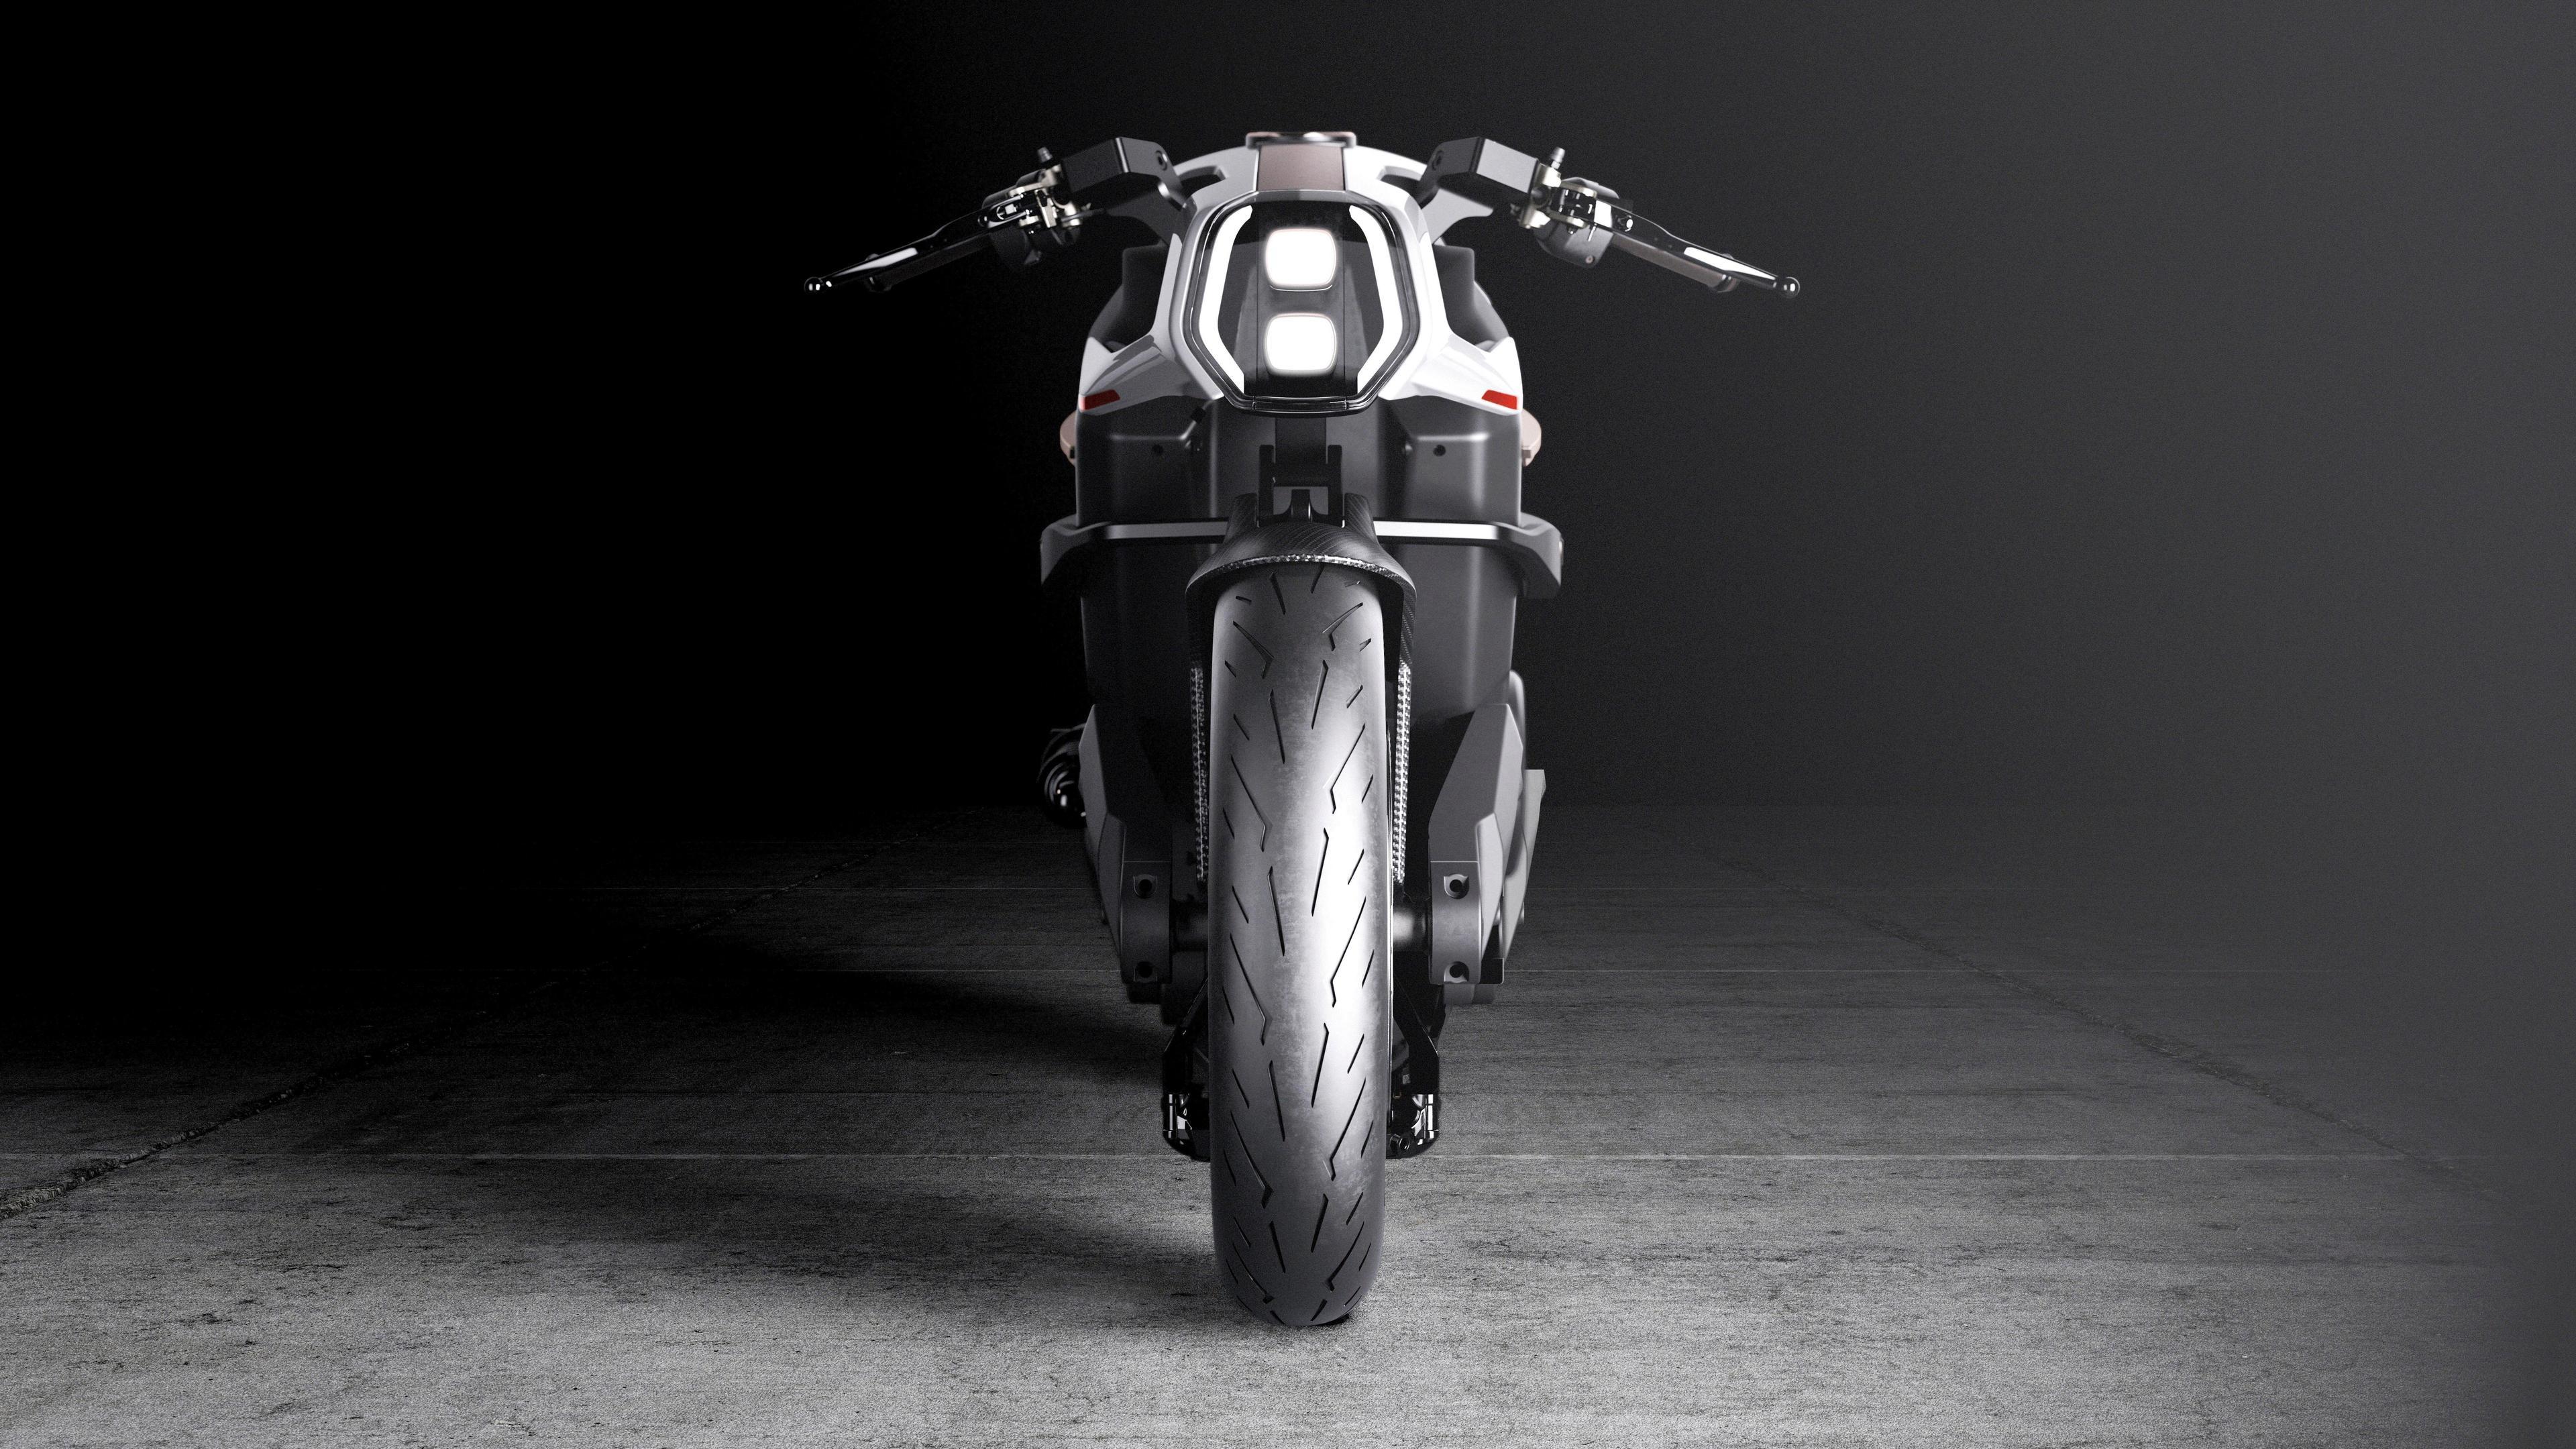 concept bike front 8k 1541973002 - Concept Bike Front 8k - hd-wallpapers, bikes wallpapers, 8k wallpapers, 5k wallpapers, 4k-wallpapers